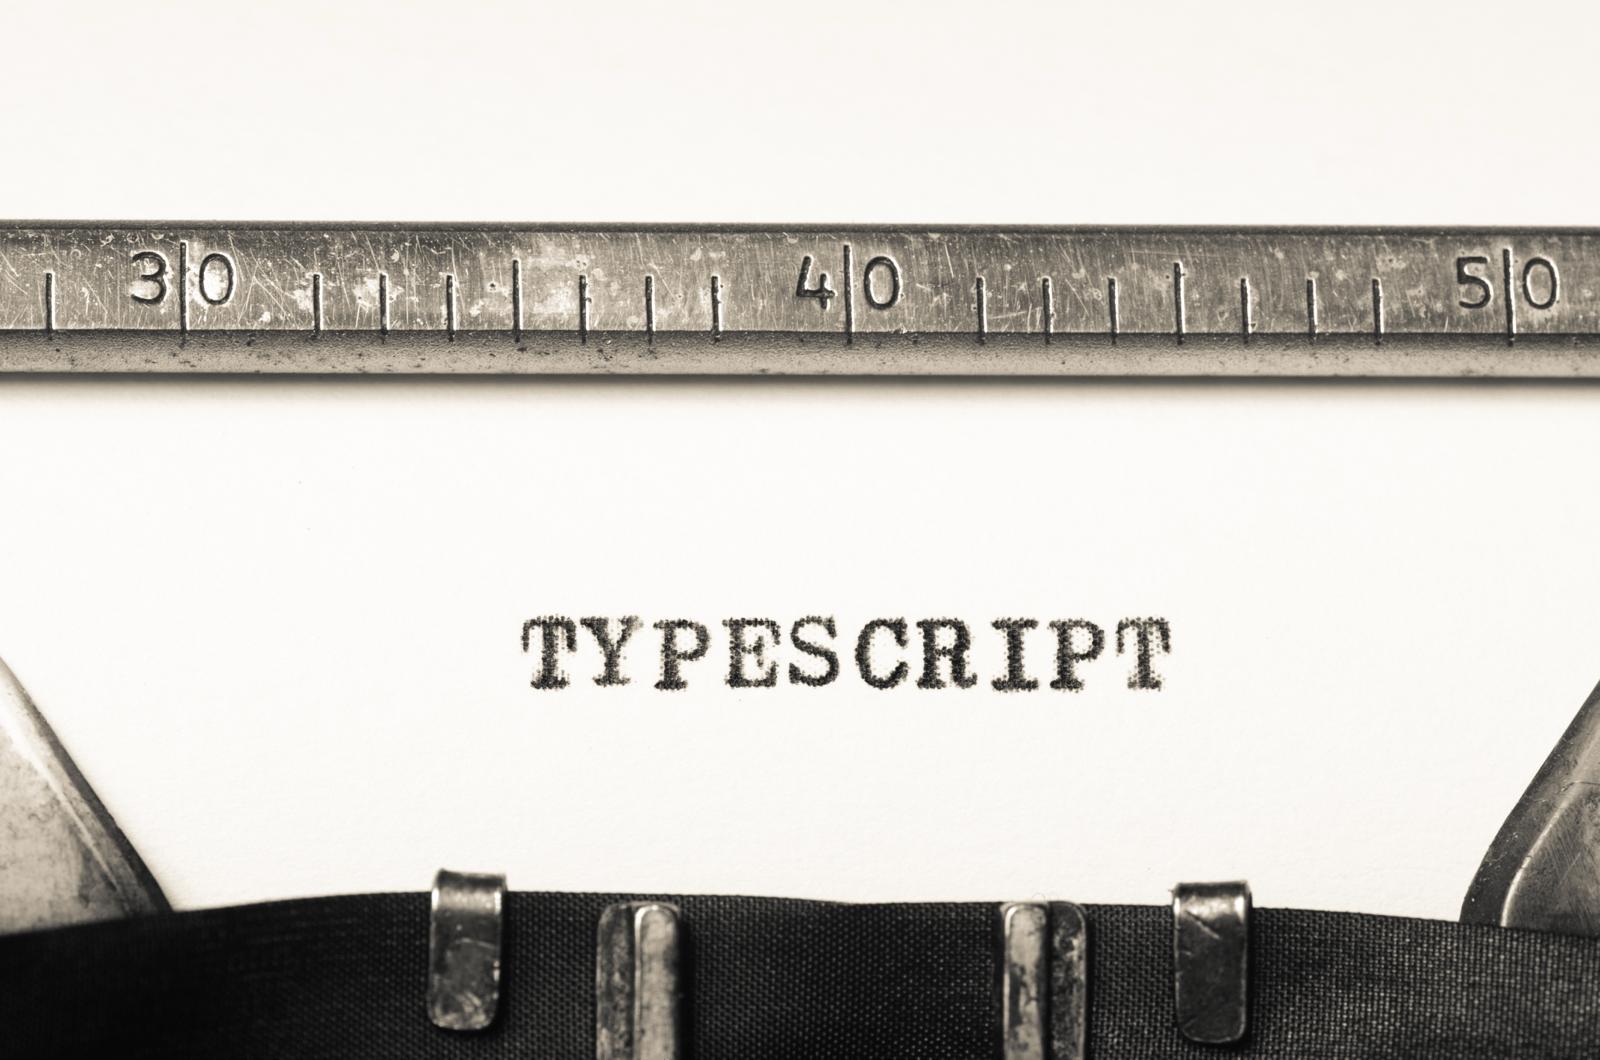 タイプライターでtypescriptと印字されている様子